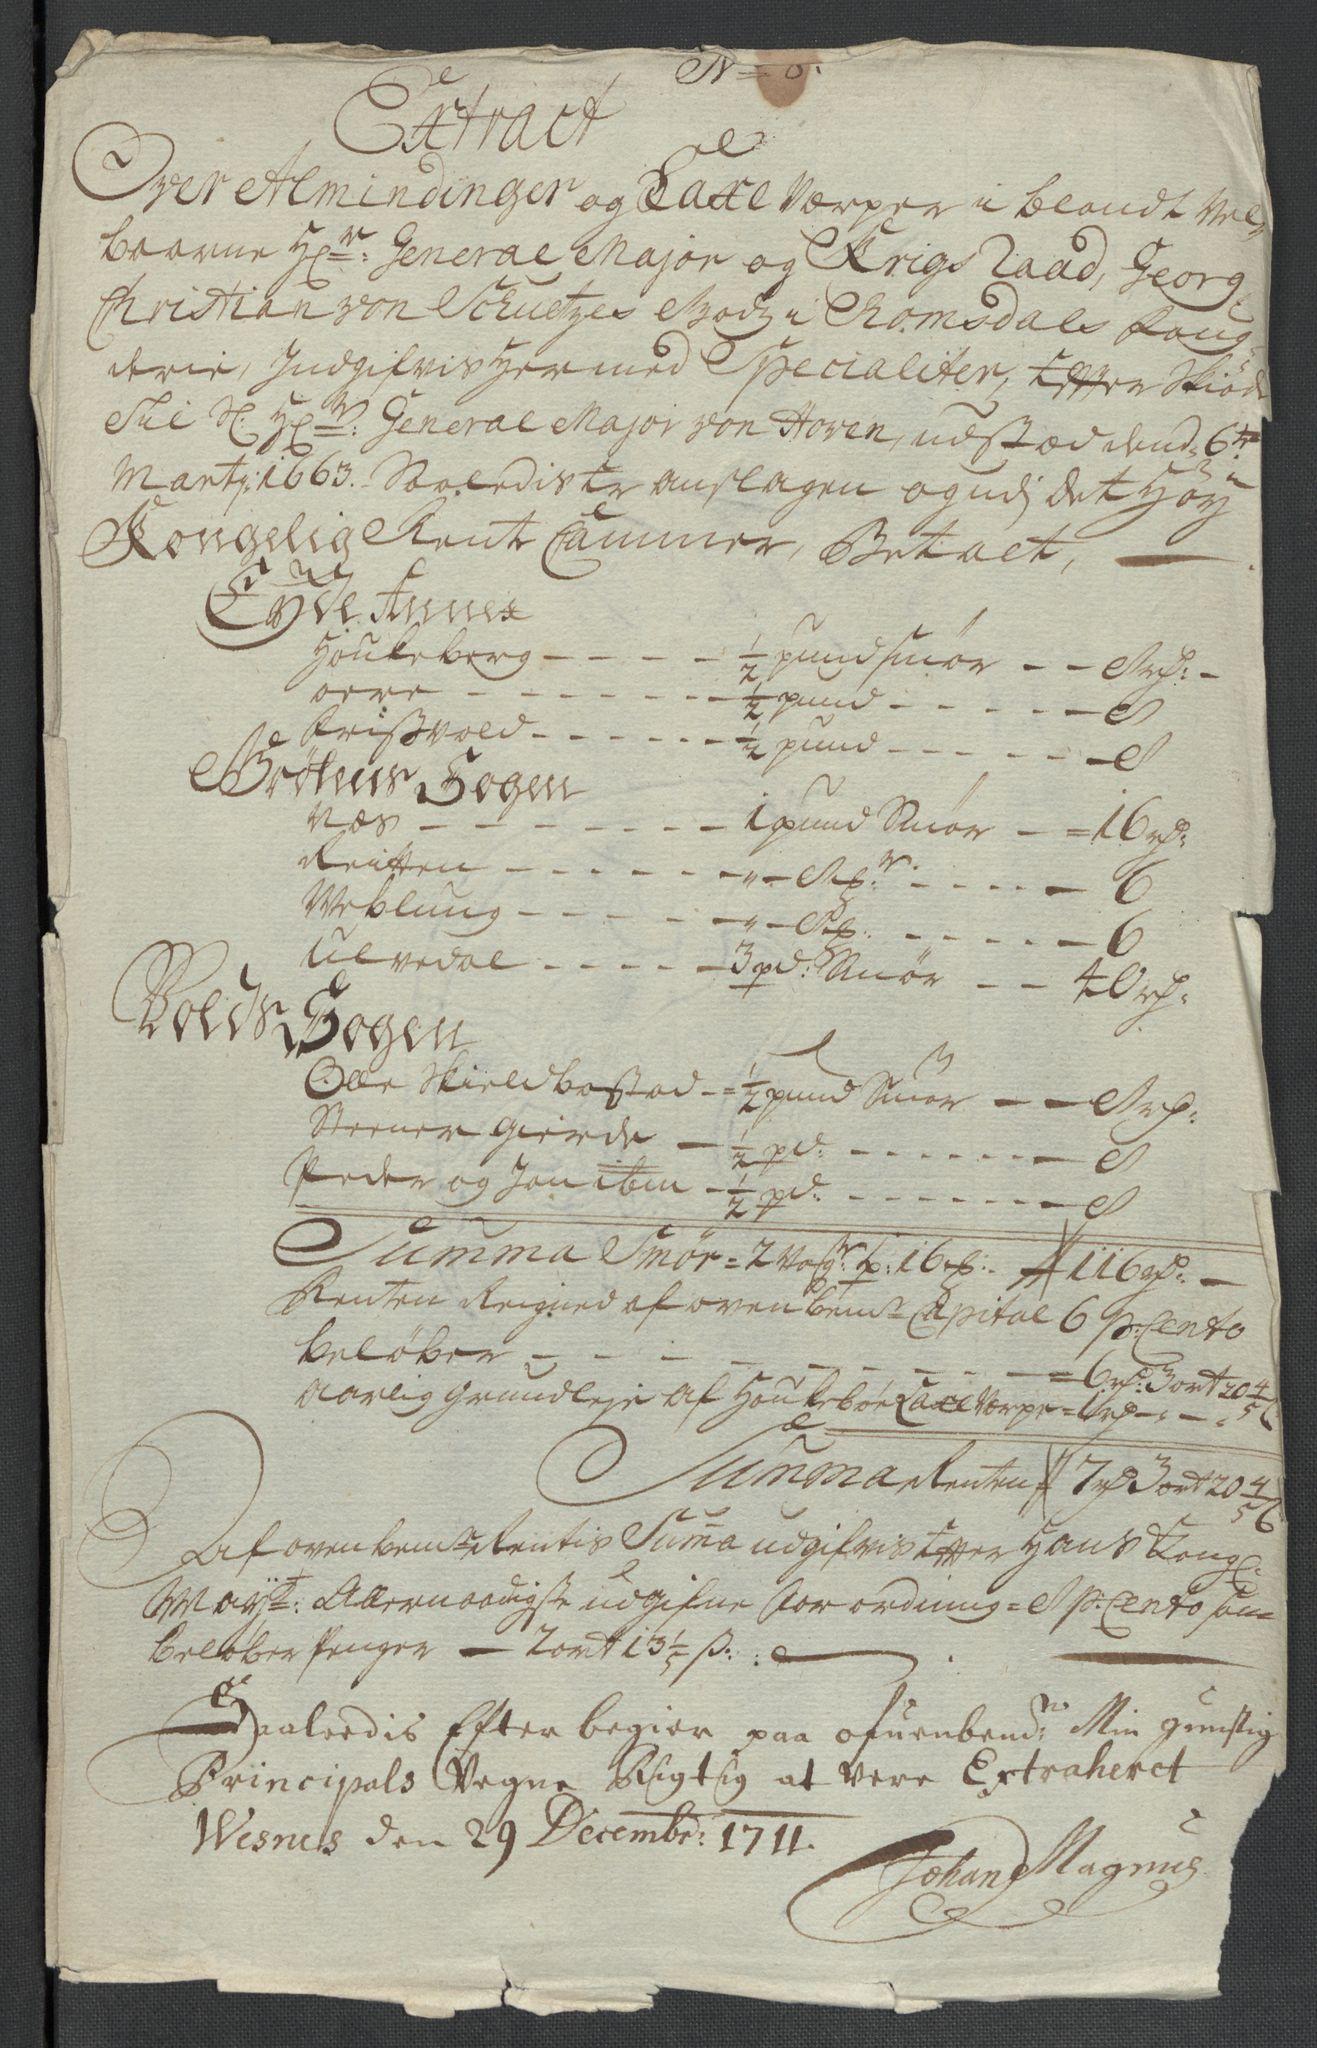 RA, Rentekammeret inntil 1814, Reviderte regnskaper, Fogderegnskap, R55/L3660: Fogderegnskap Romsdal, 1711, s. 125